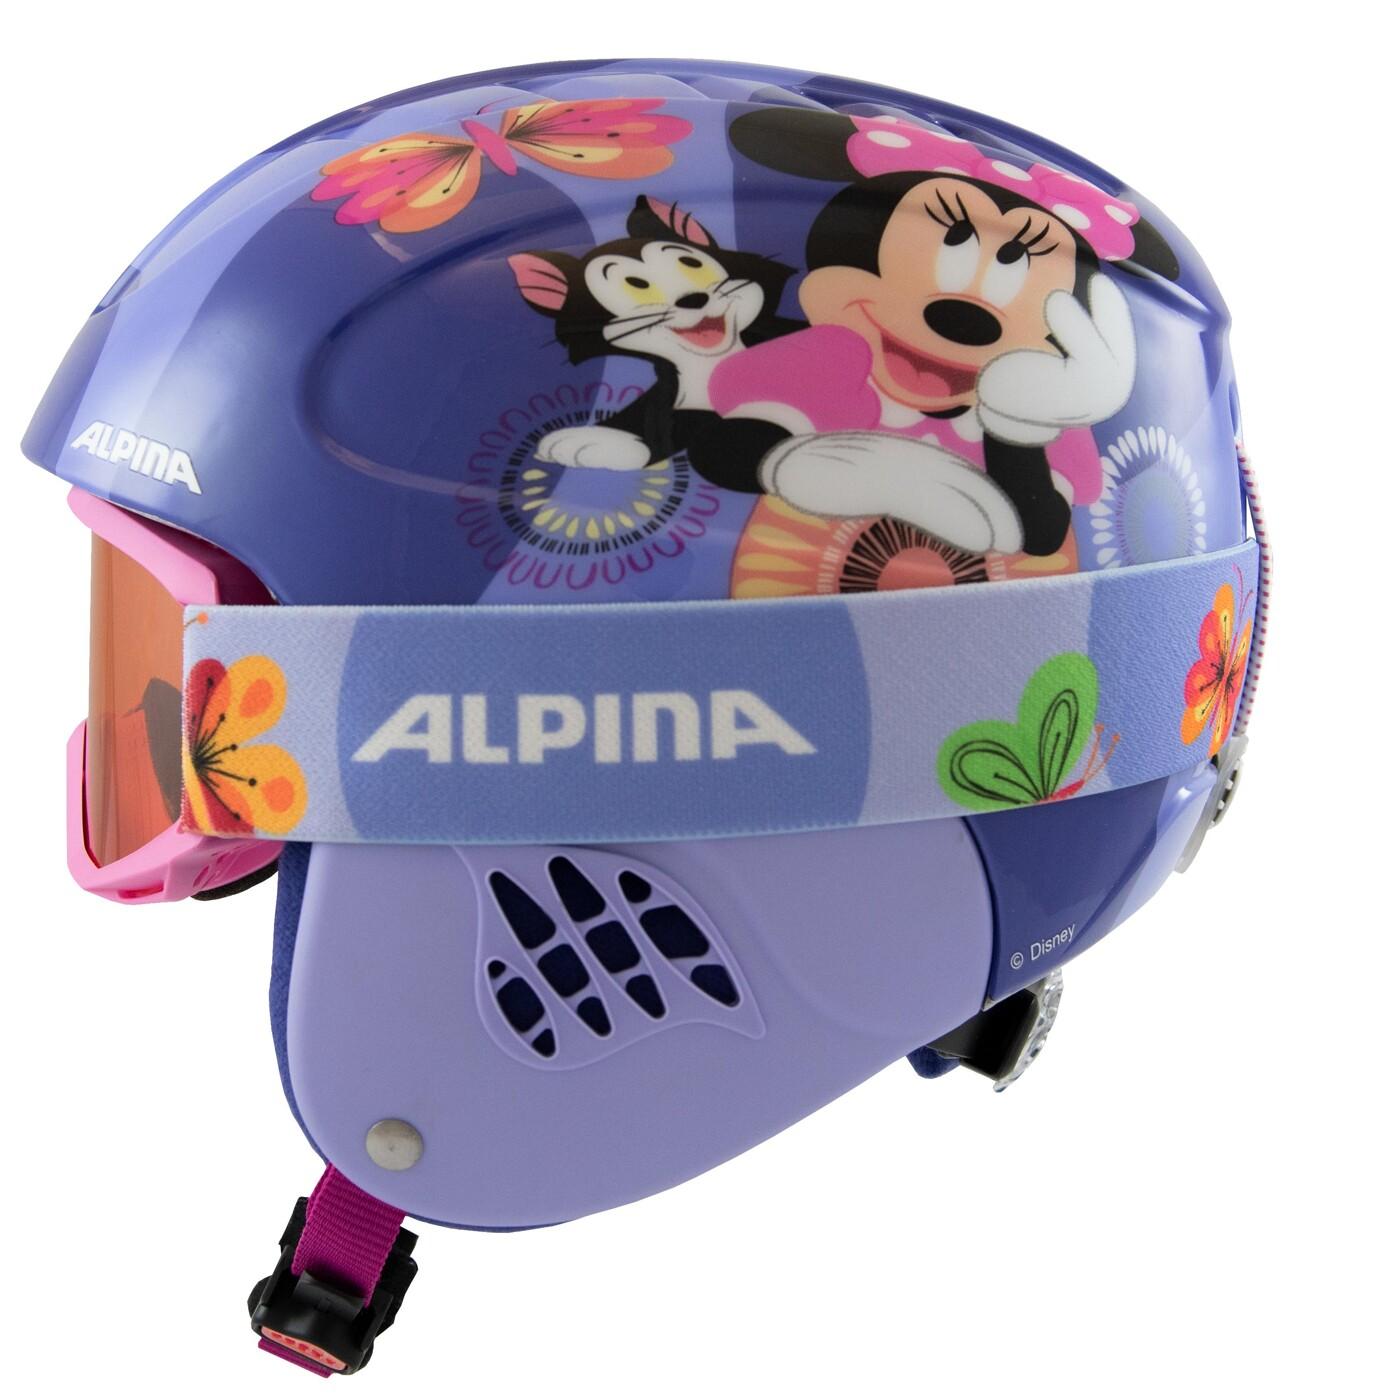 ALPINA Carat Set Disney